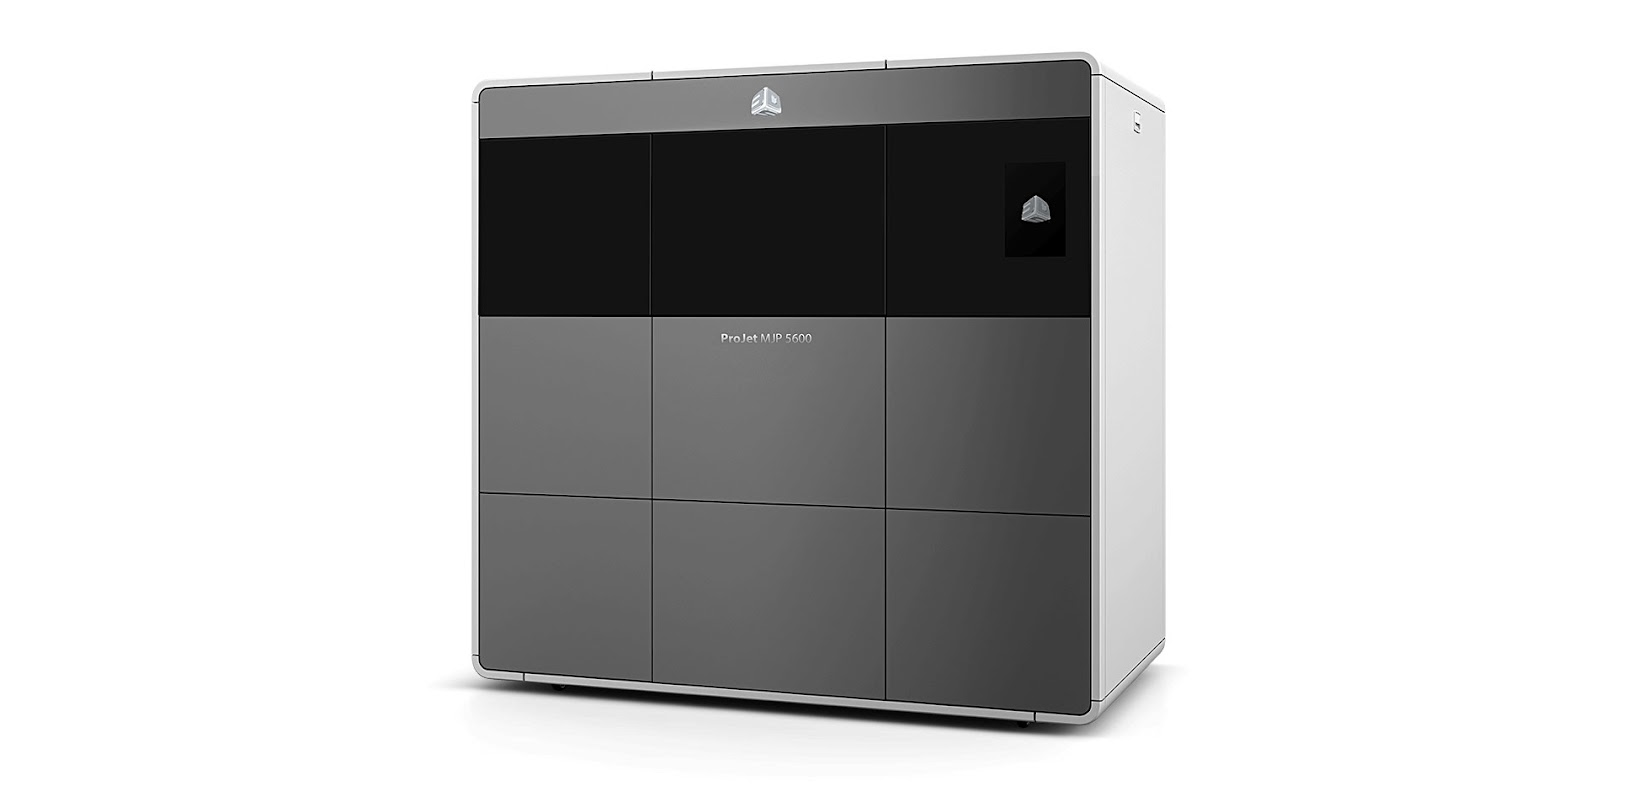 ProJet MJP 5600 - 3D Systems представляет новый 3D-принтер, материалы и программное обеспечение